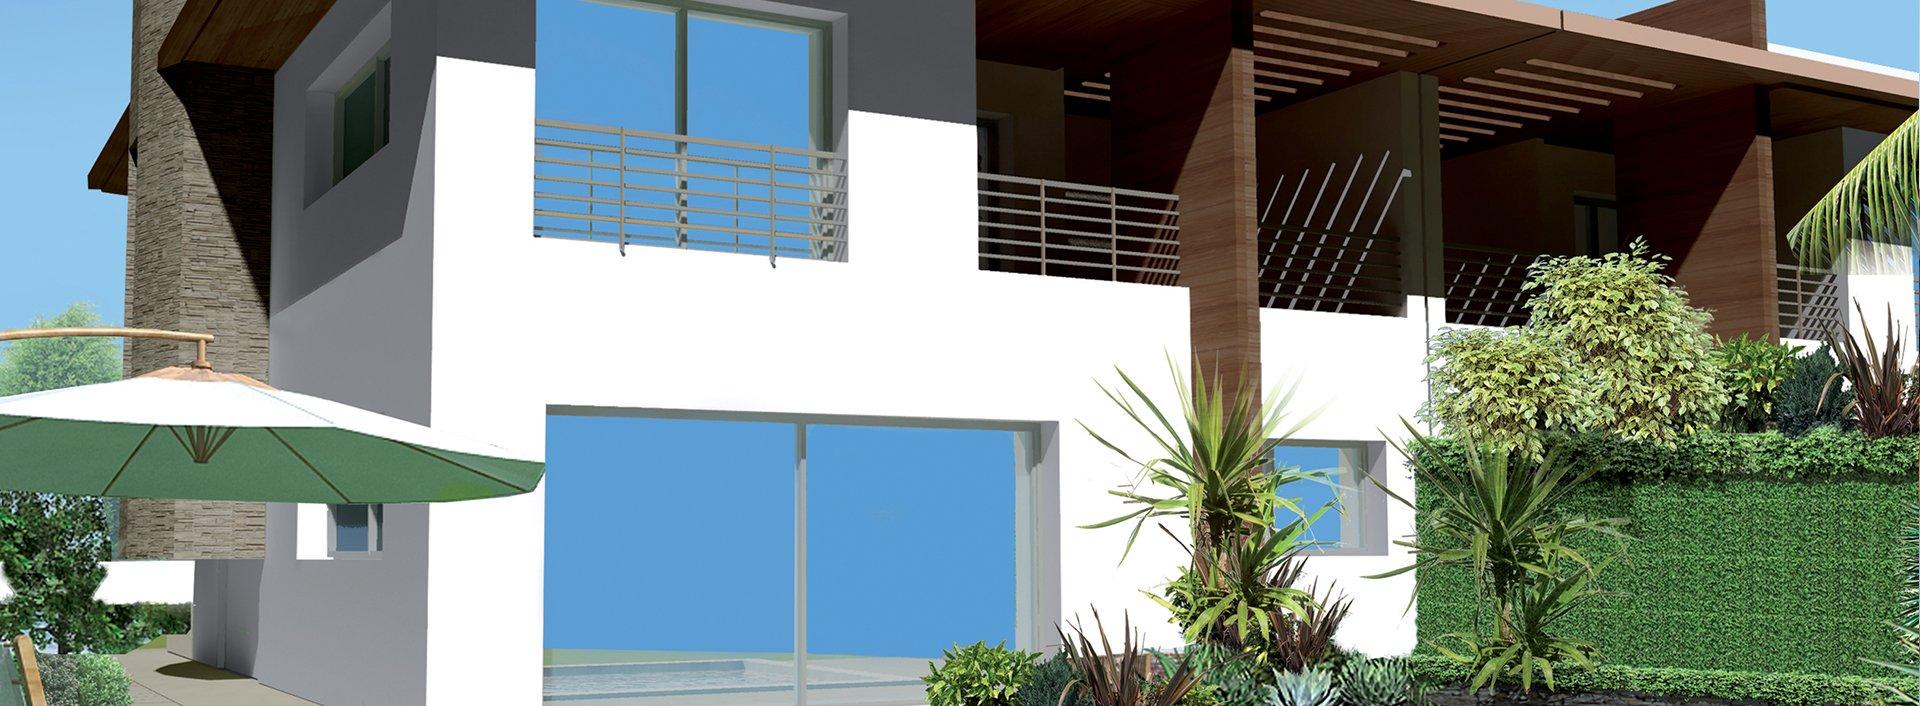 Residences Soleil